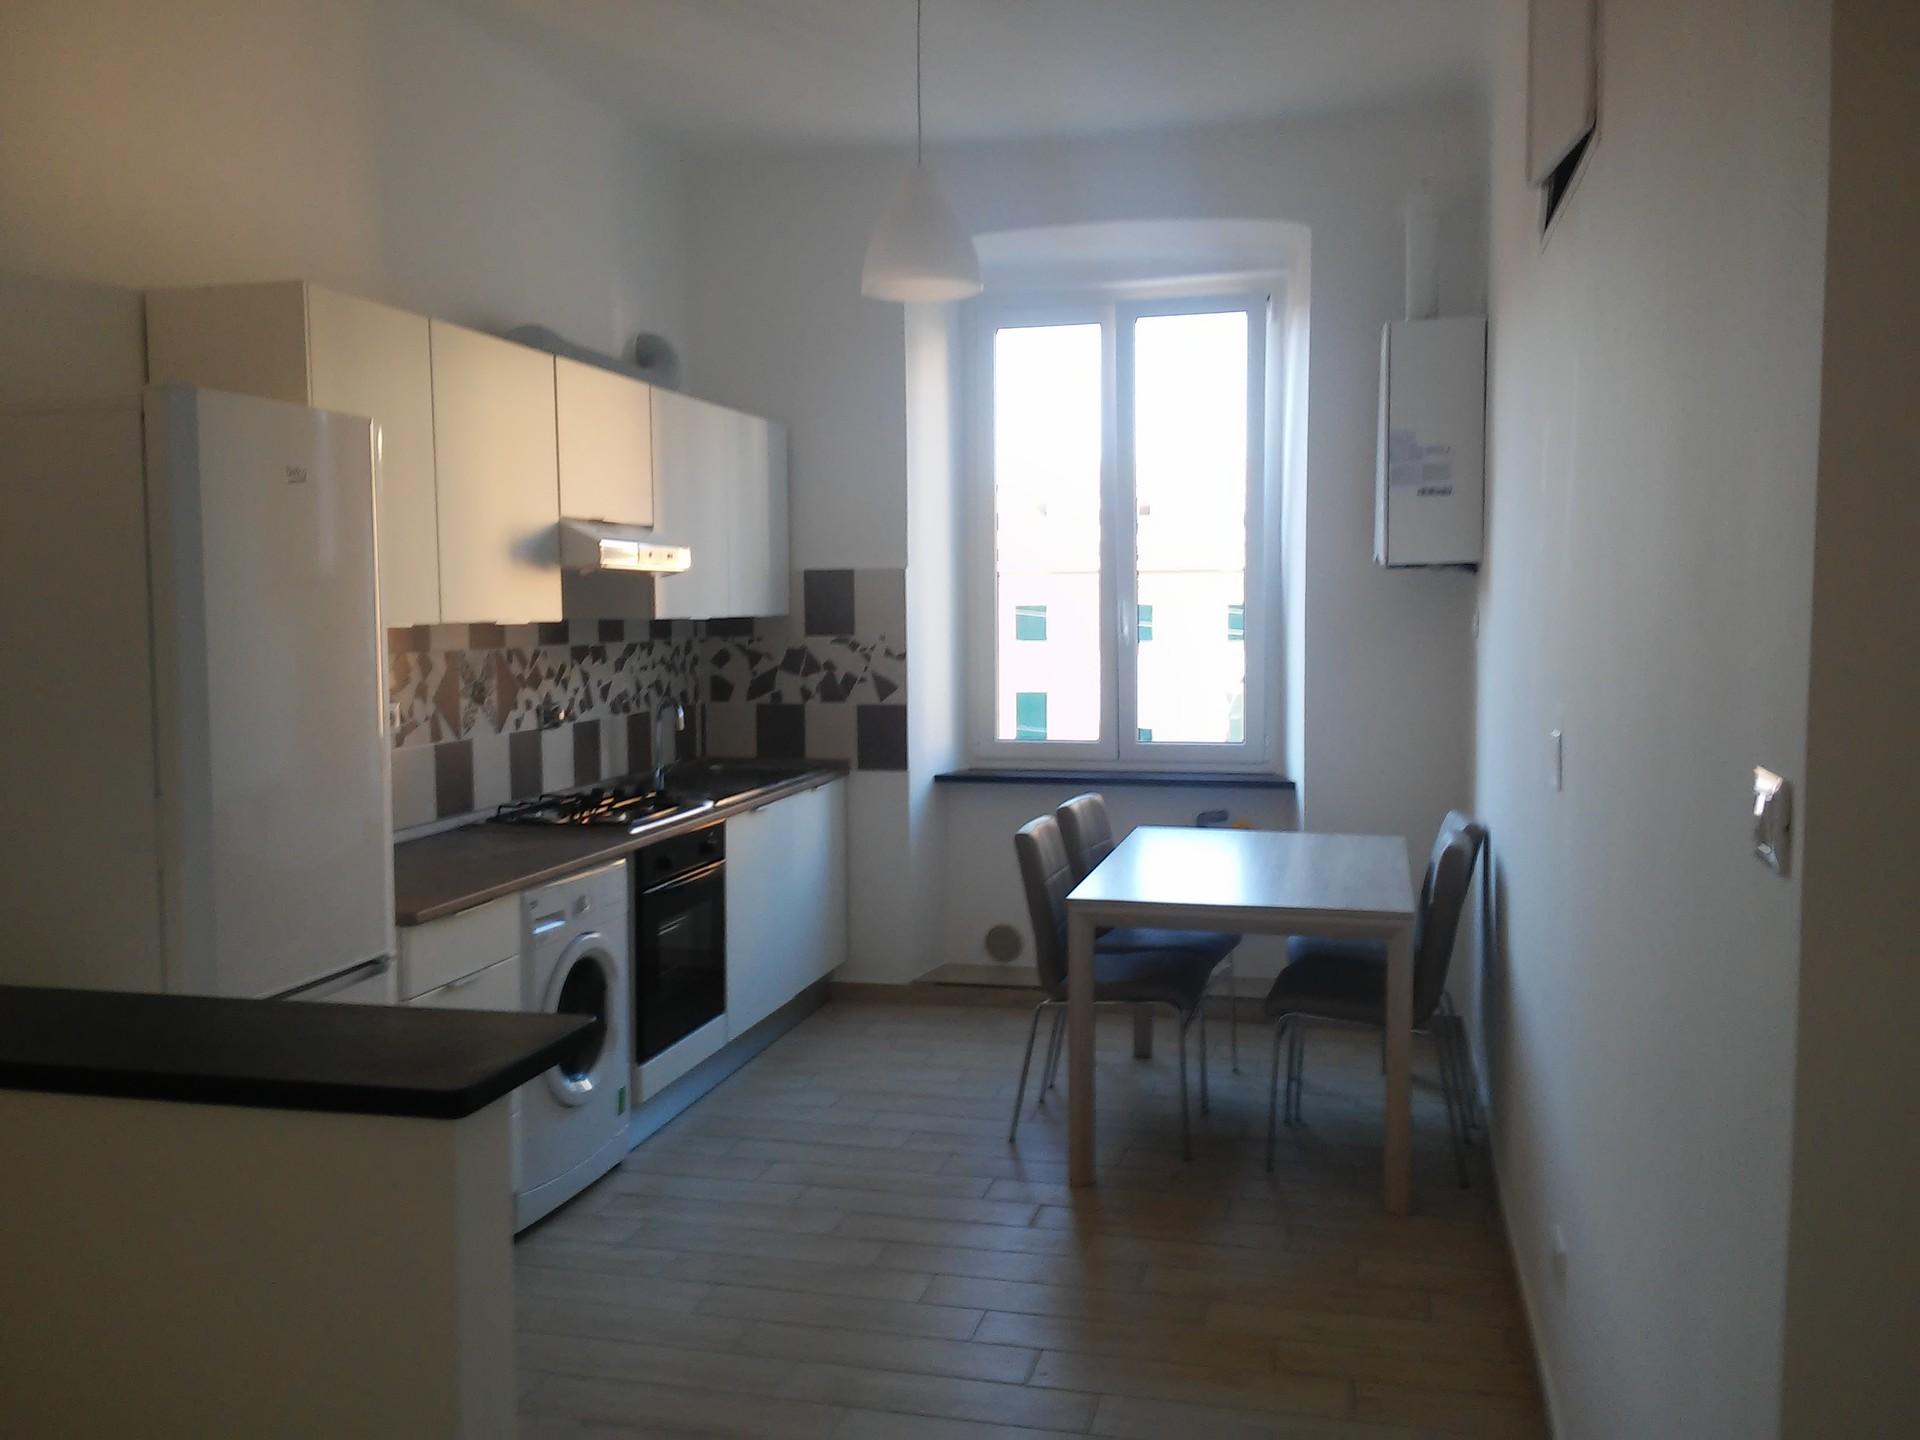 Affitto stanza 20 mq in appartamento di 110 mq appena